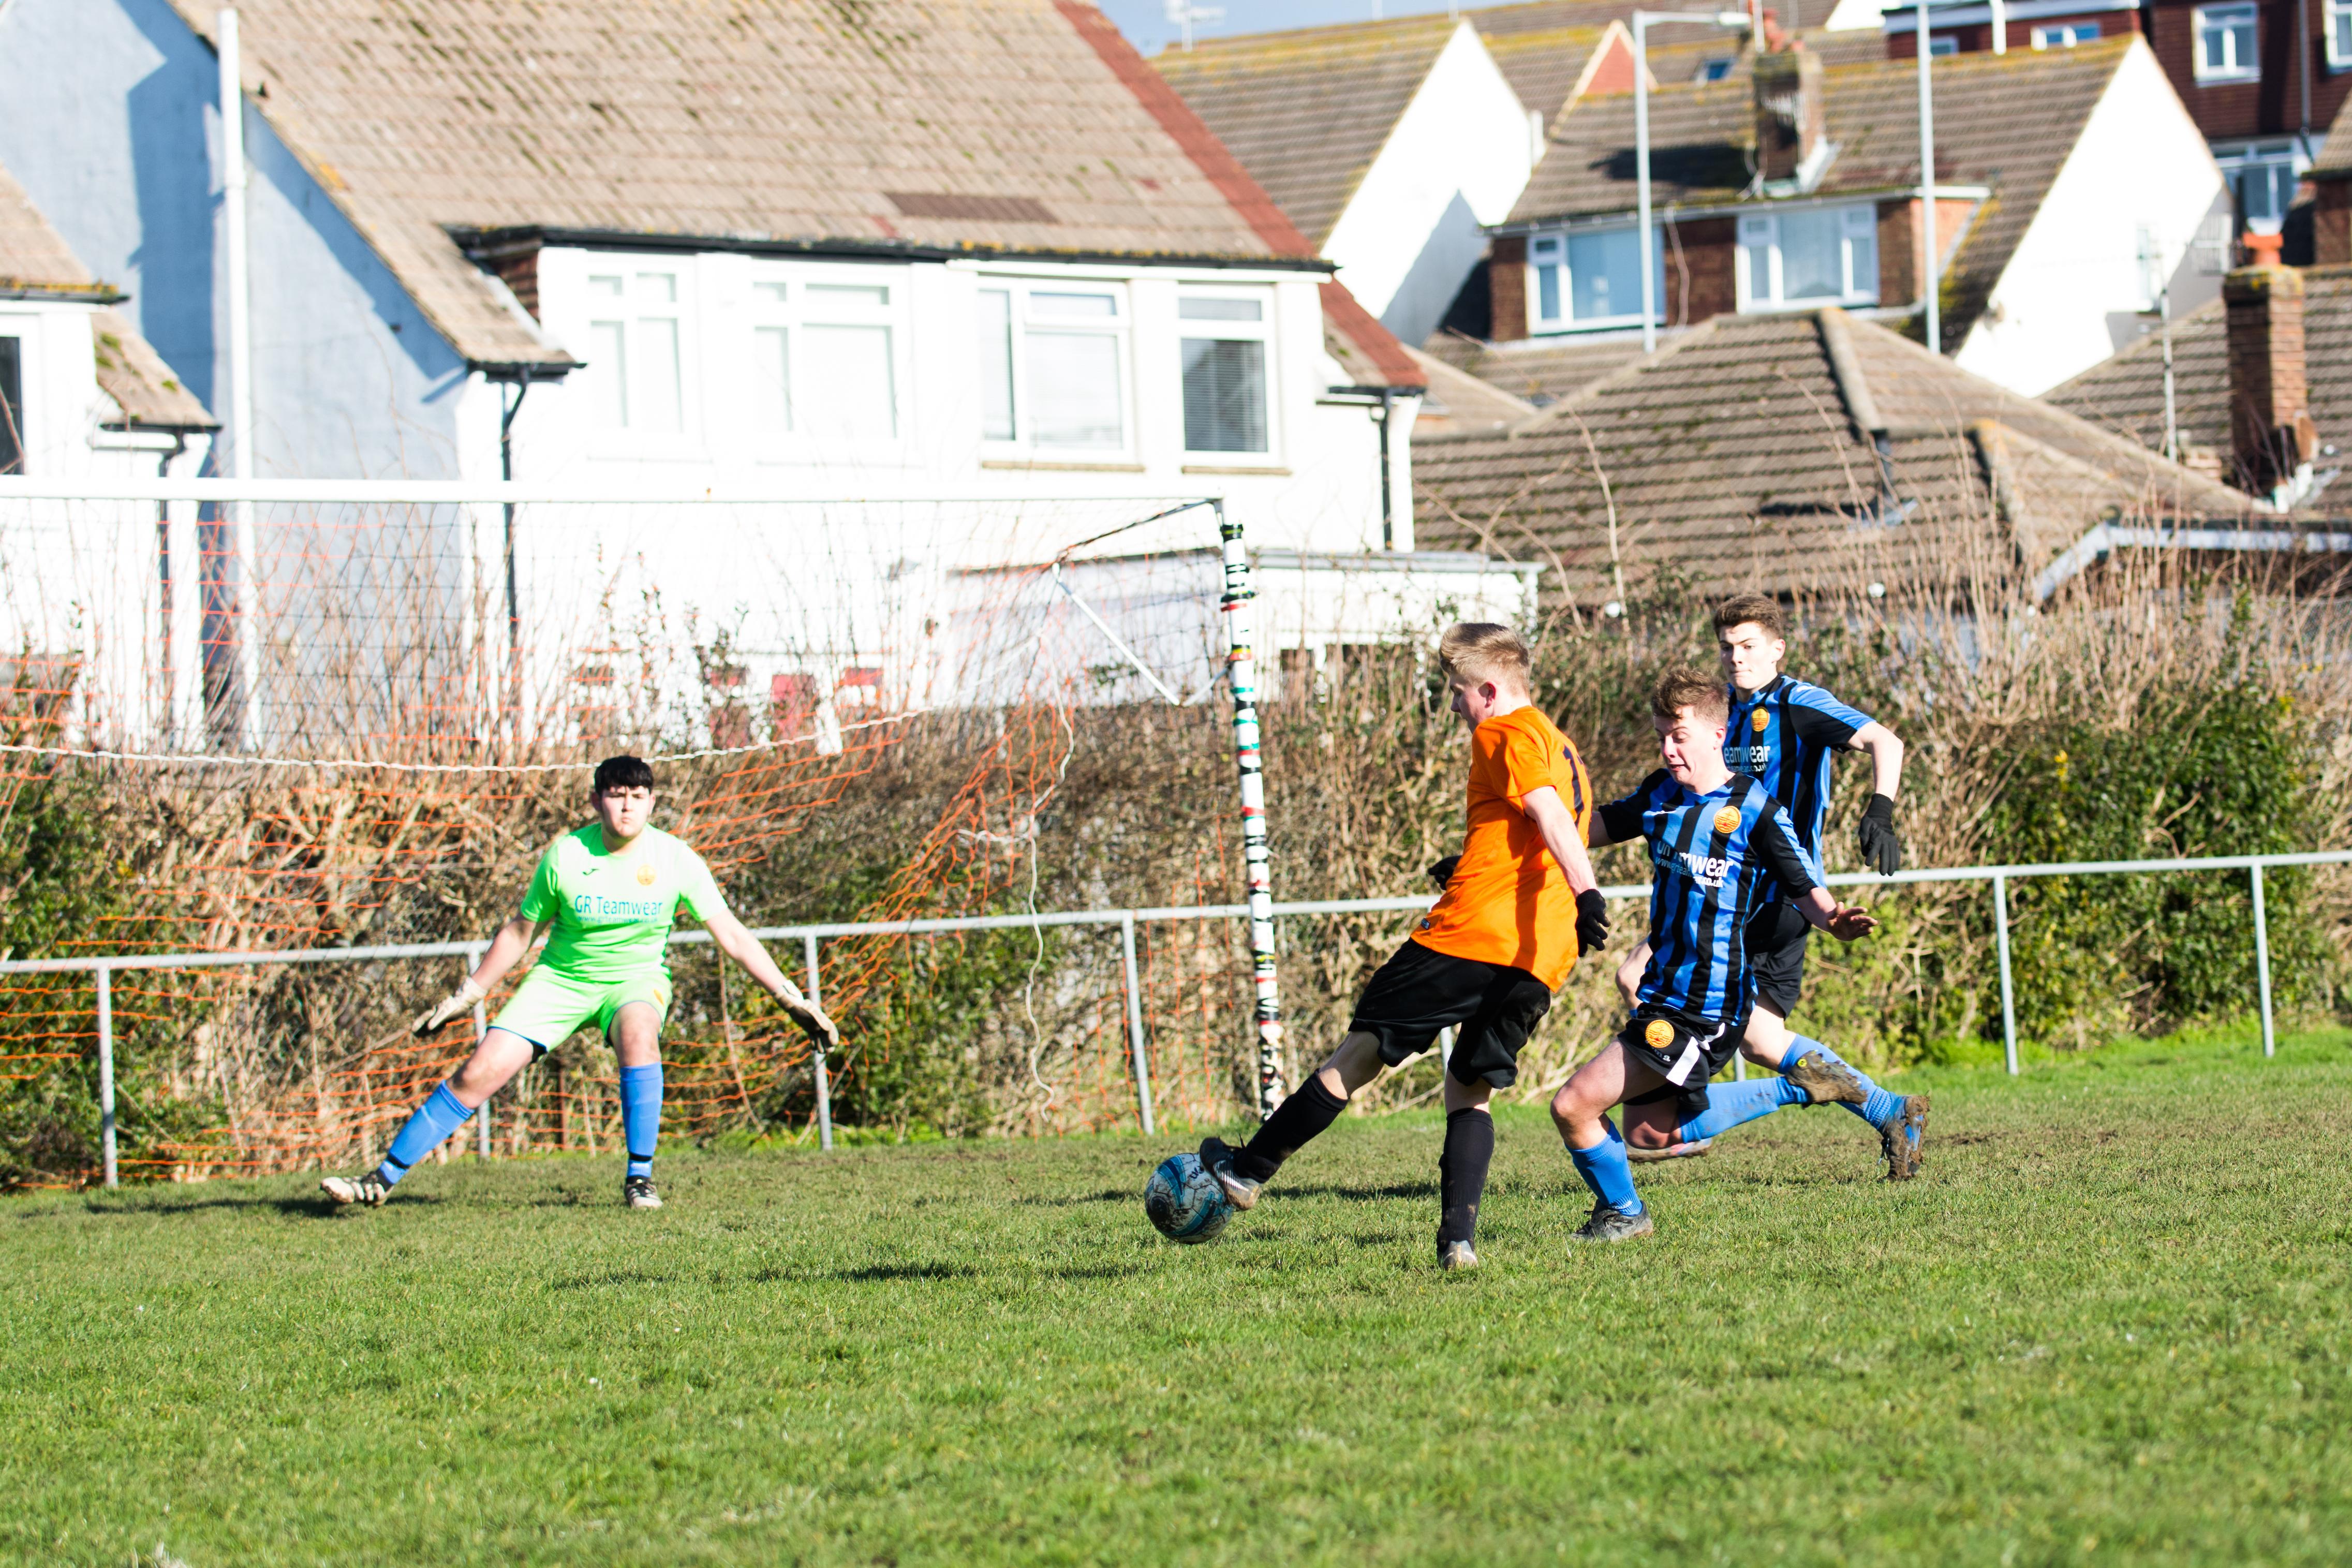 Mile Oak FC U18s vs Newhaven FC U18s 04.02.18 29